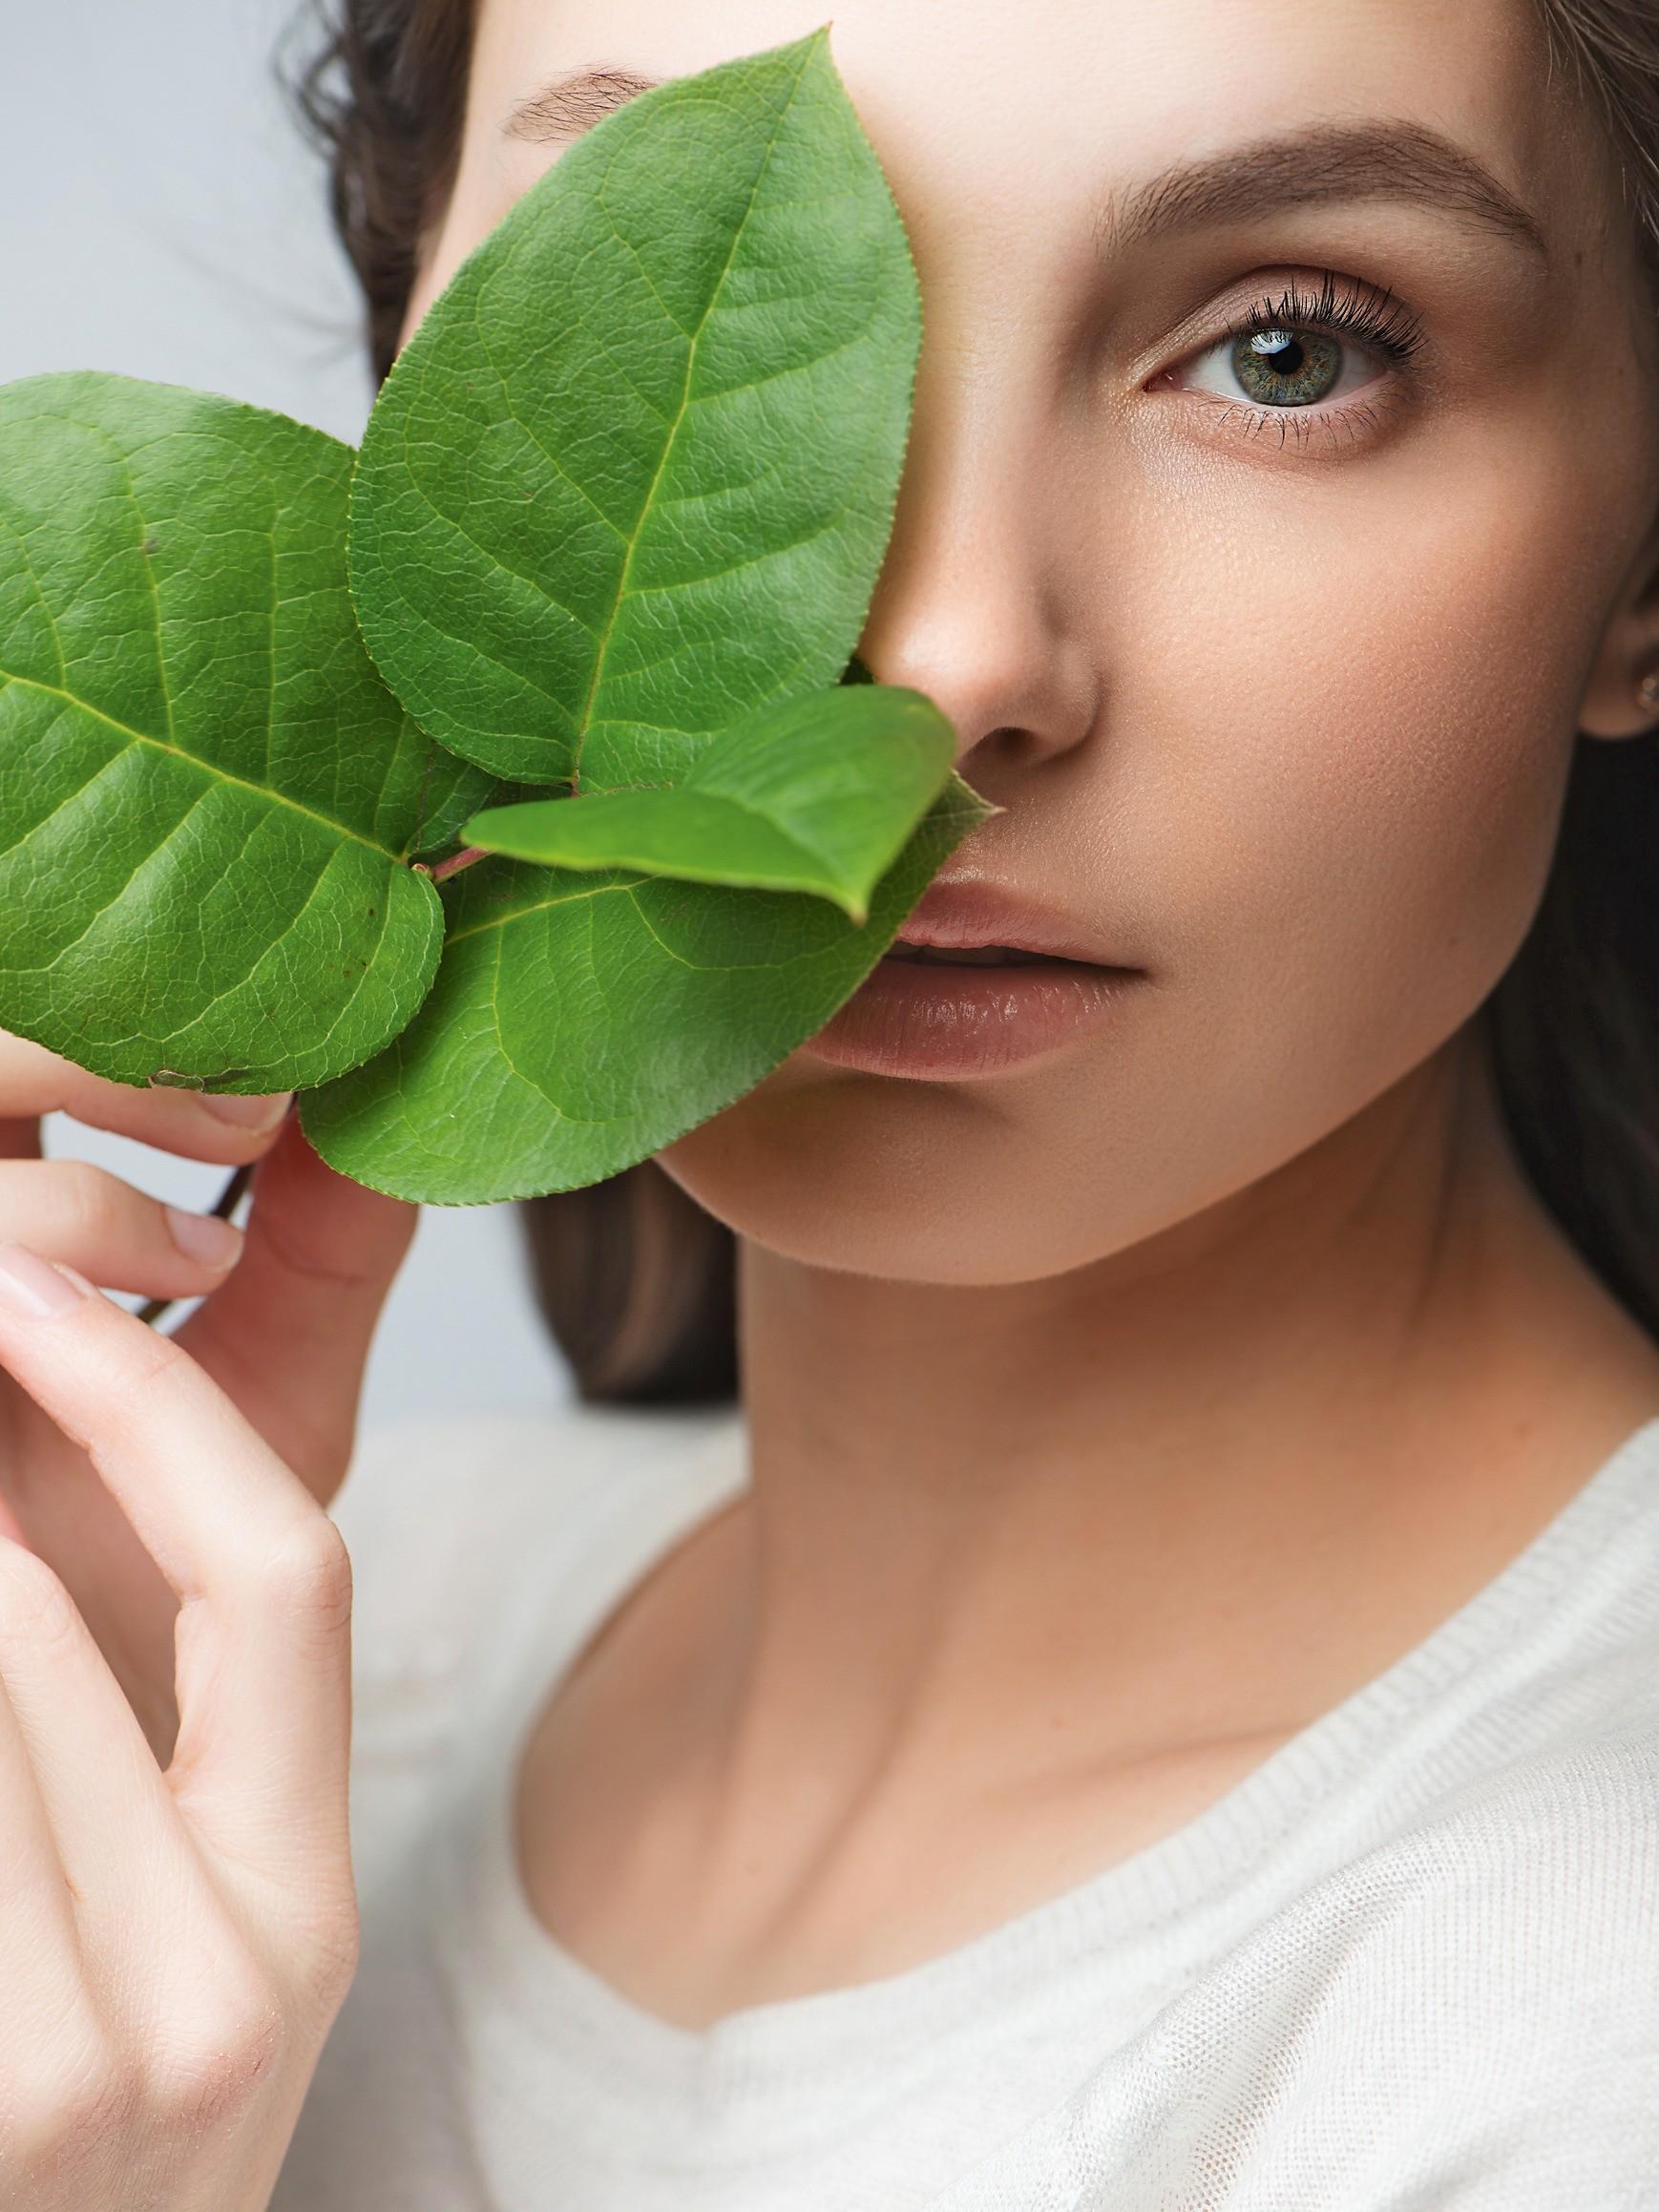 Органическая косметика: химера или действительно полезно?